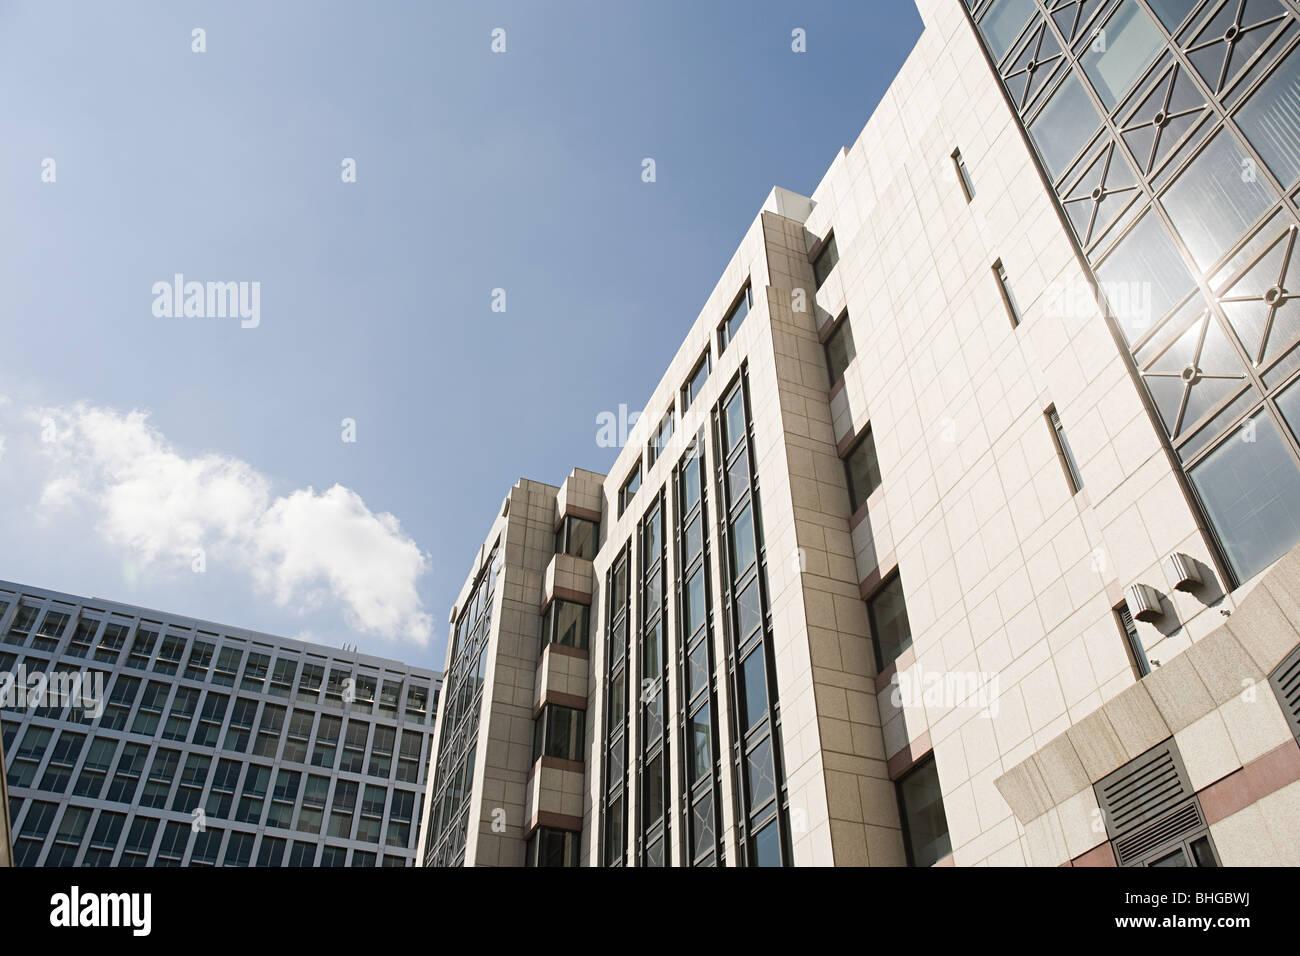 Basso angolo vista degli edifici per uffici Immagini Stock